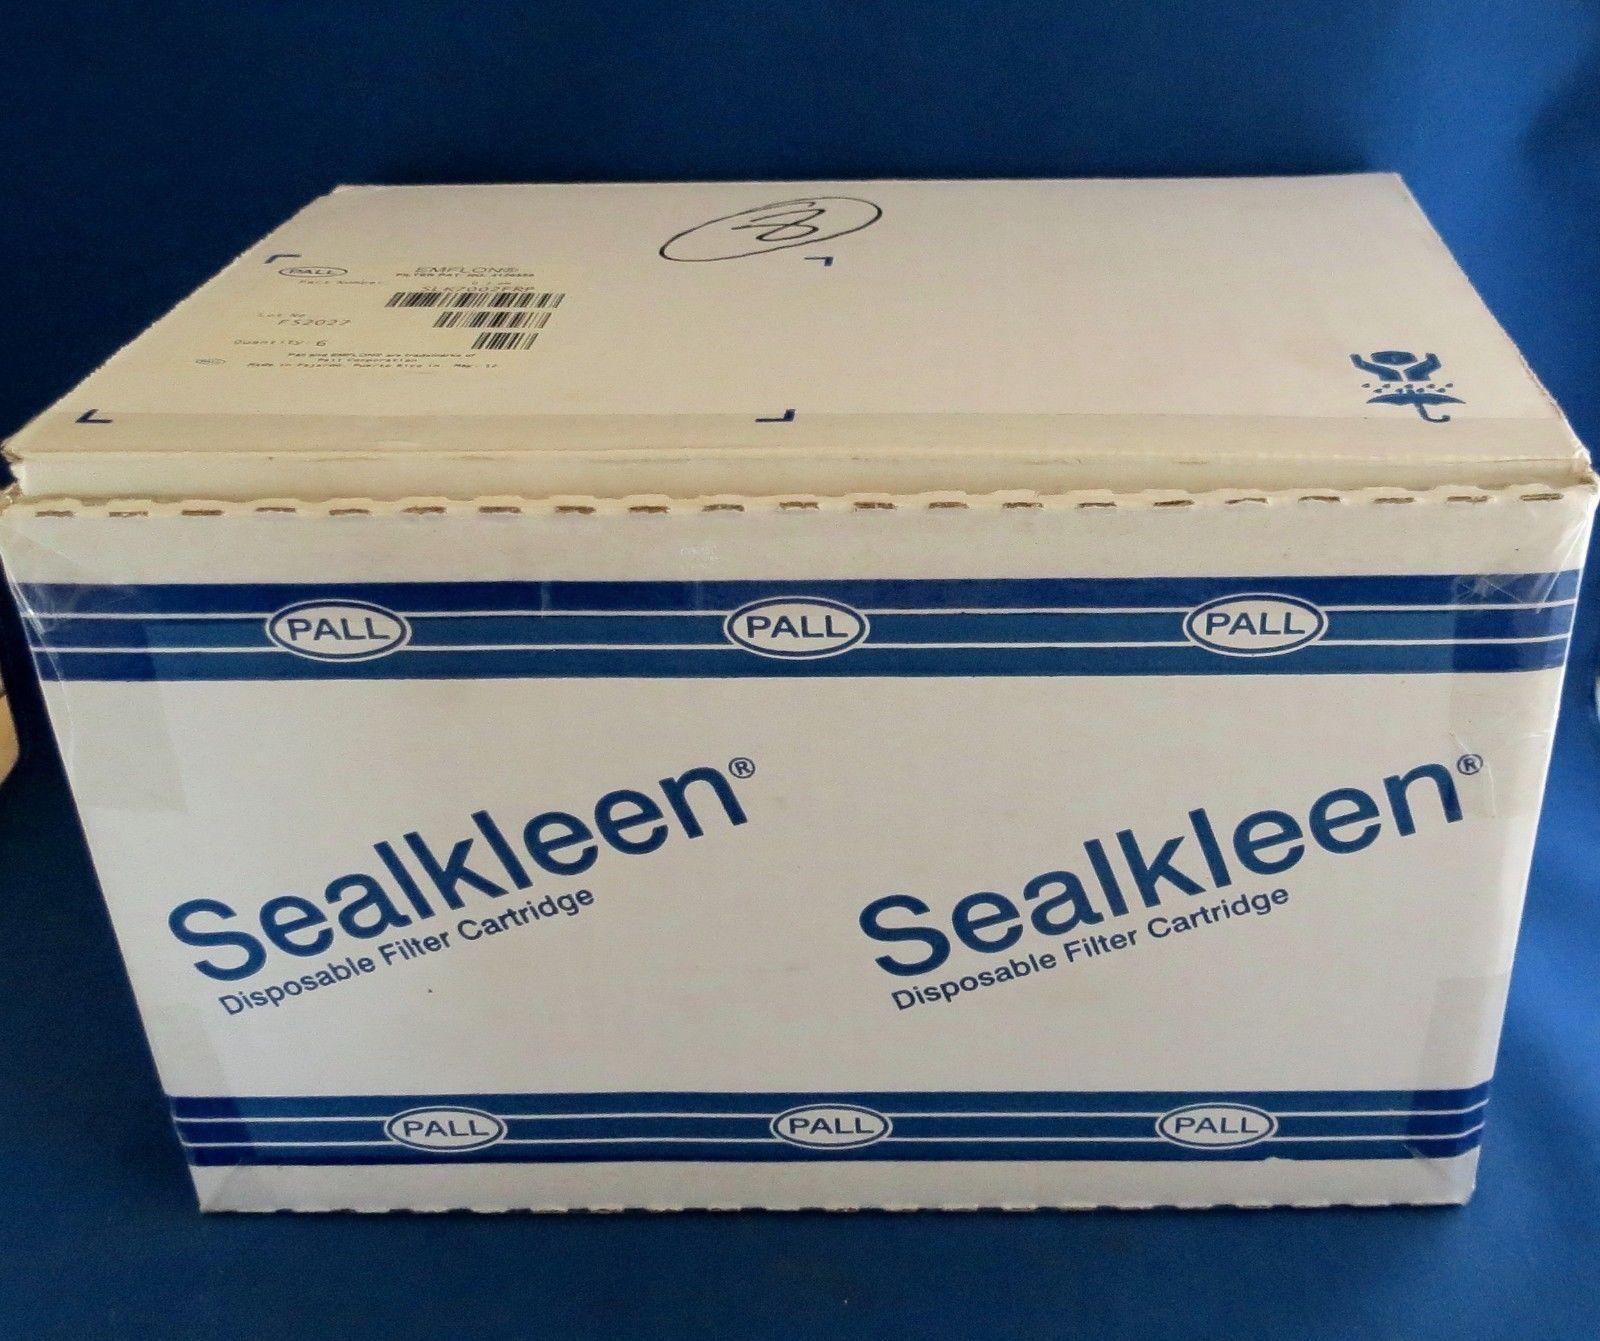 Pack 6 Pall Emflon Gas Filters 0.2um SLK7002FRP